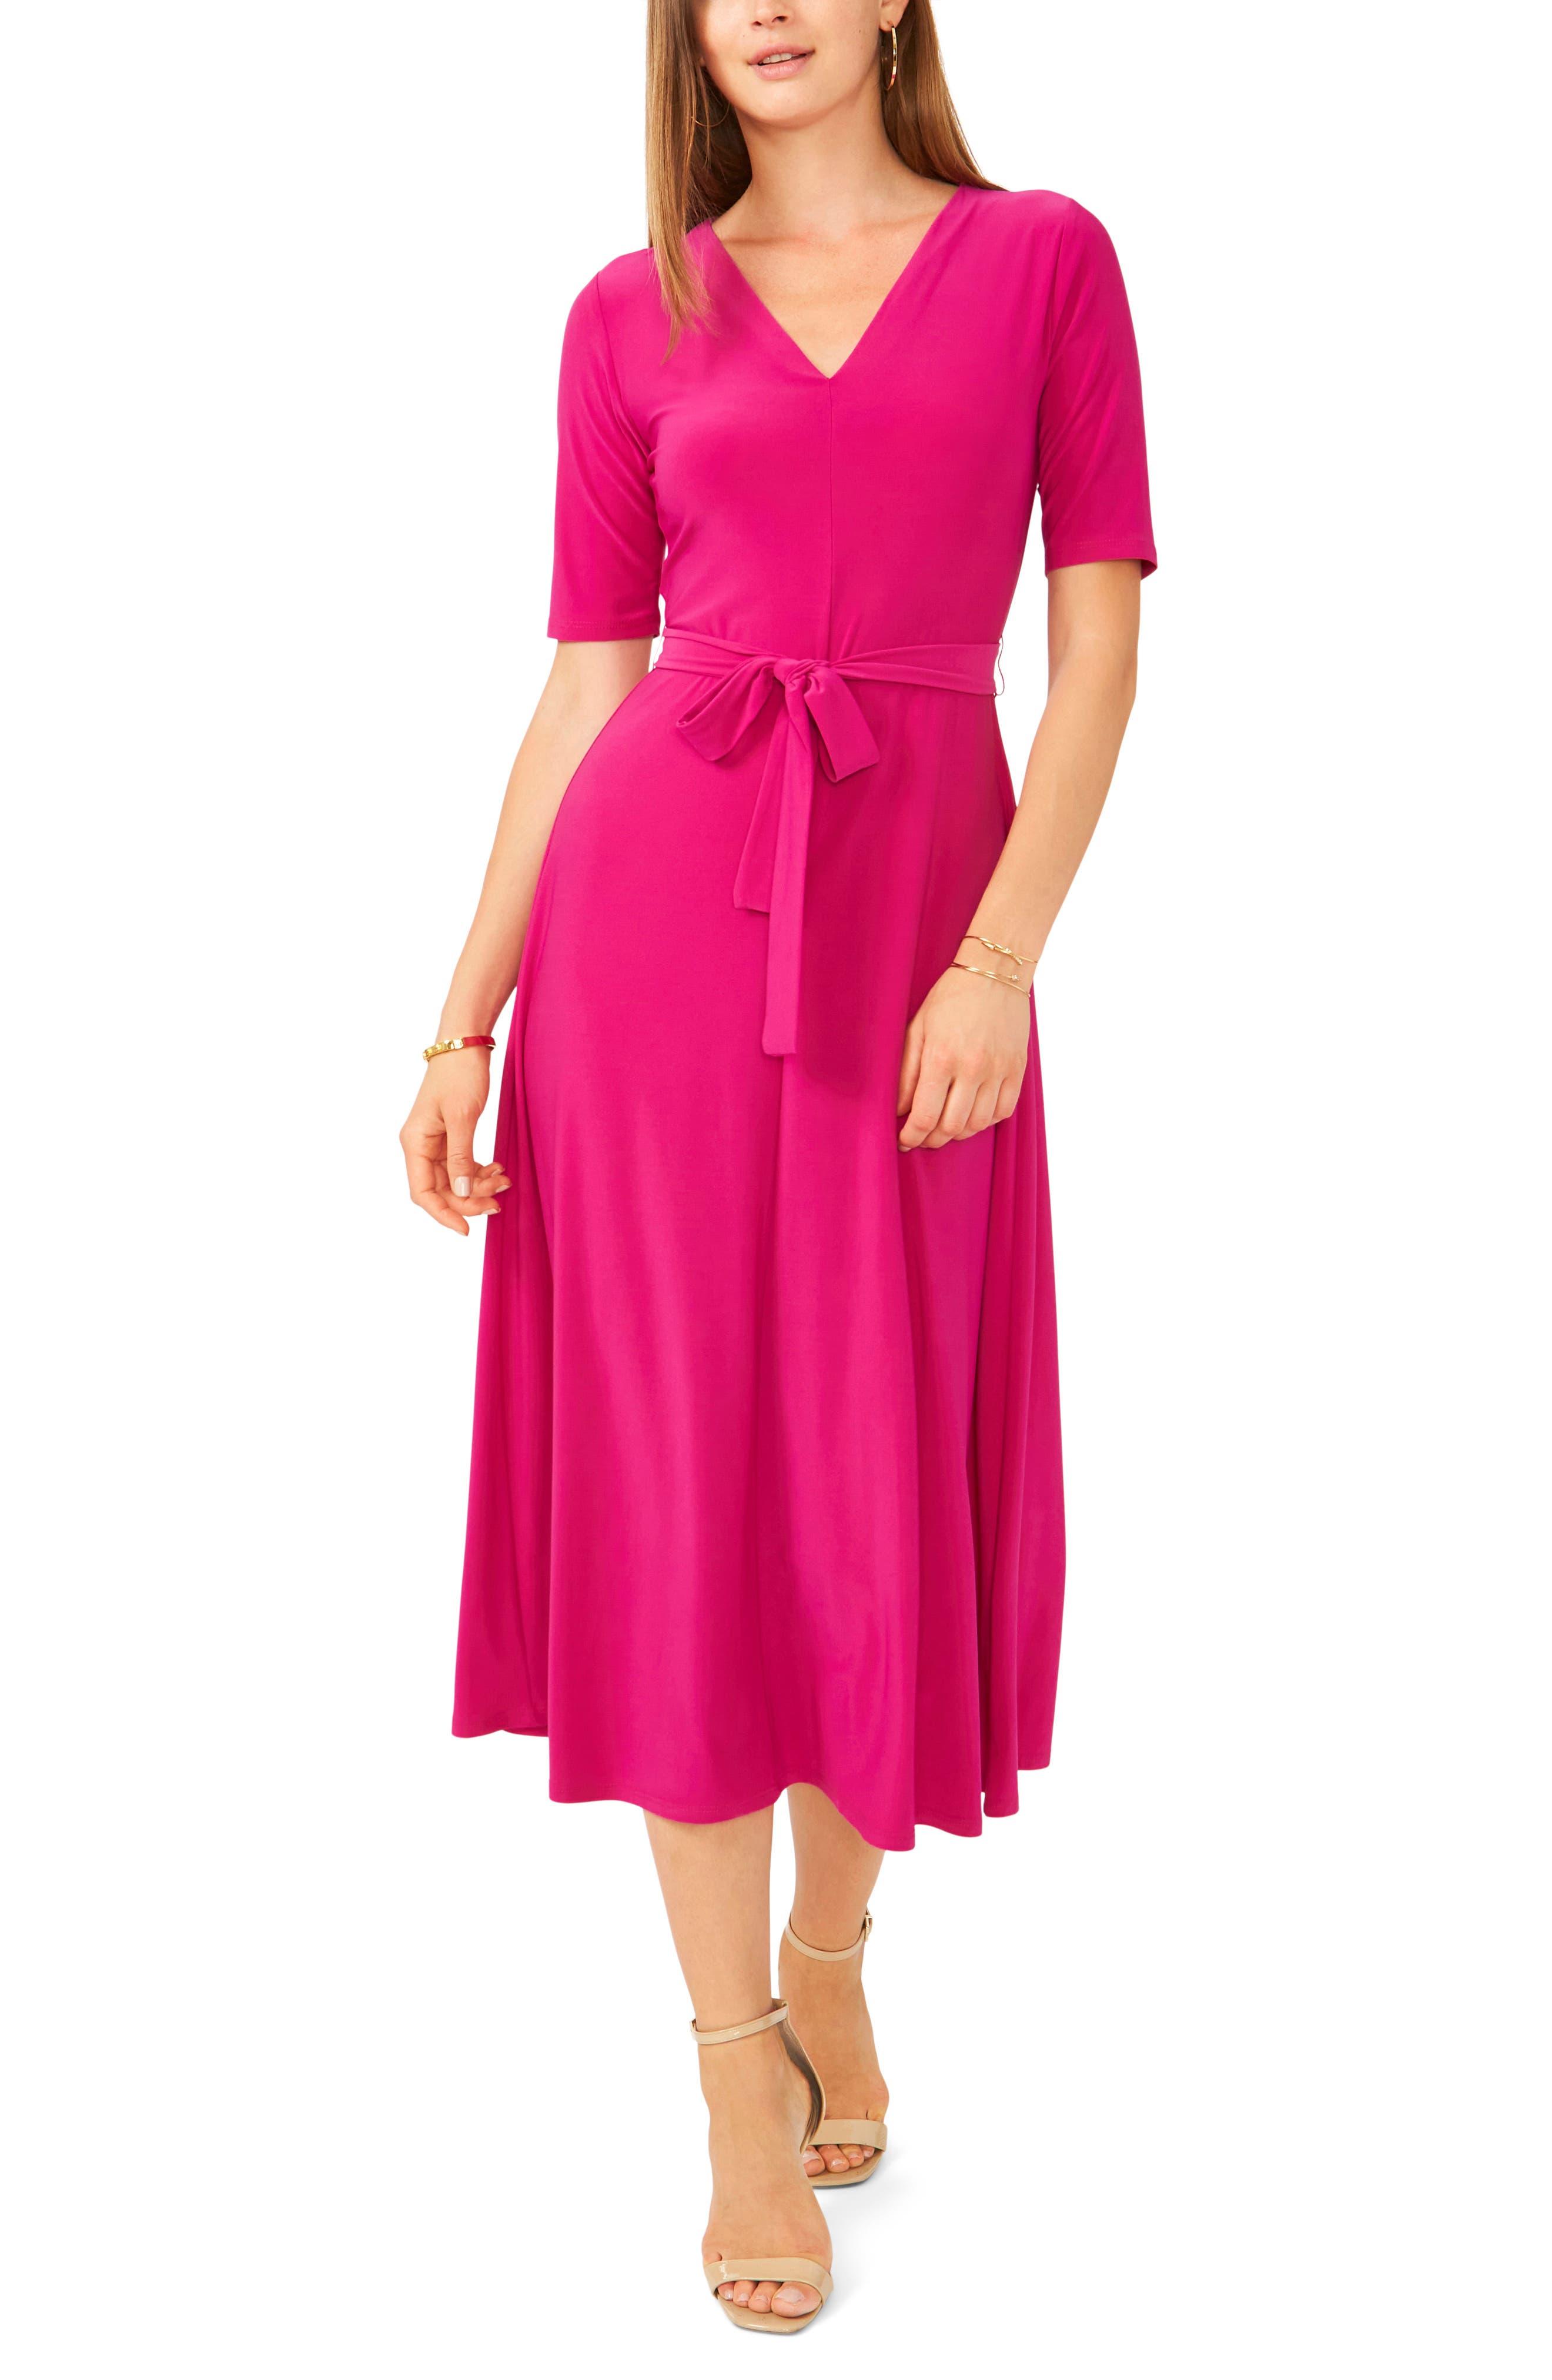 V-Neck Tie Waist Knit Dress